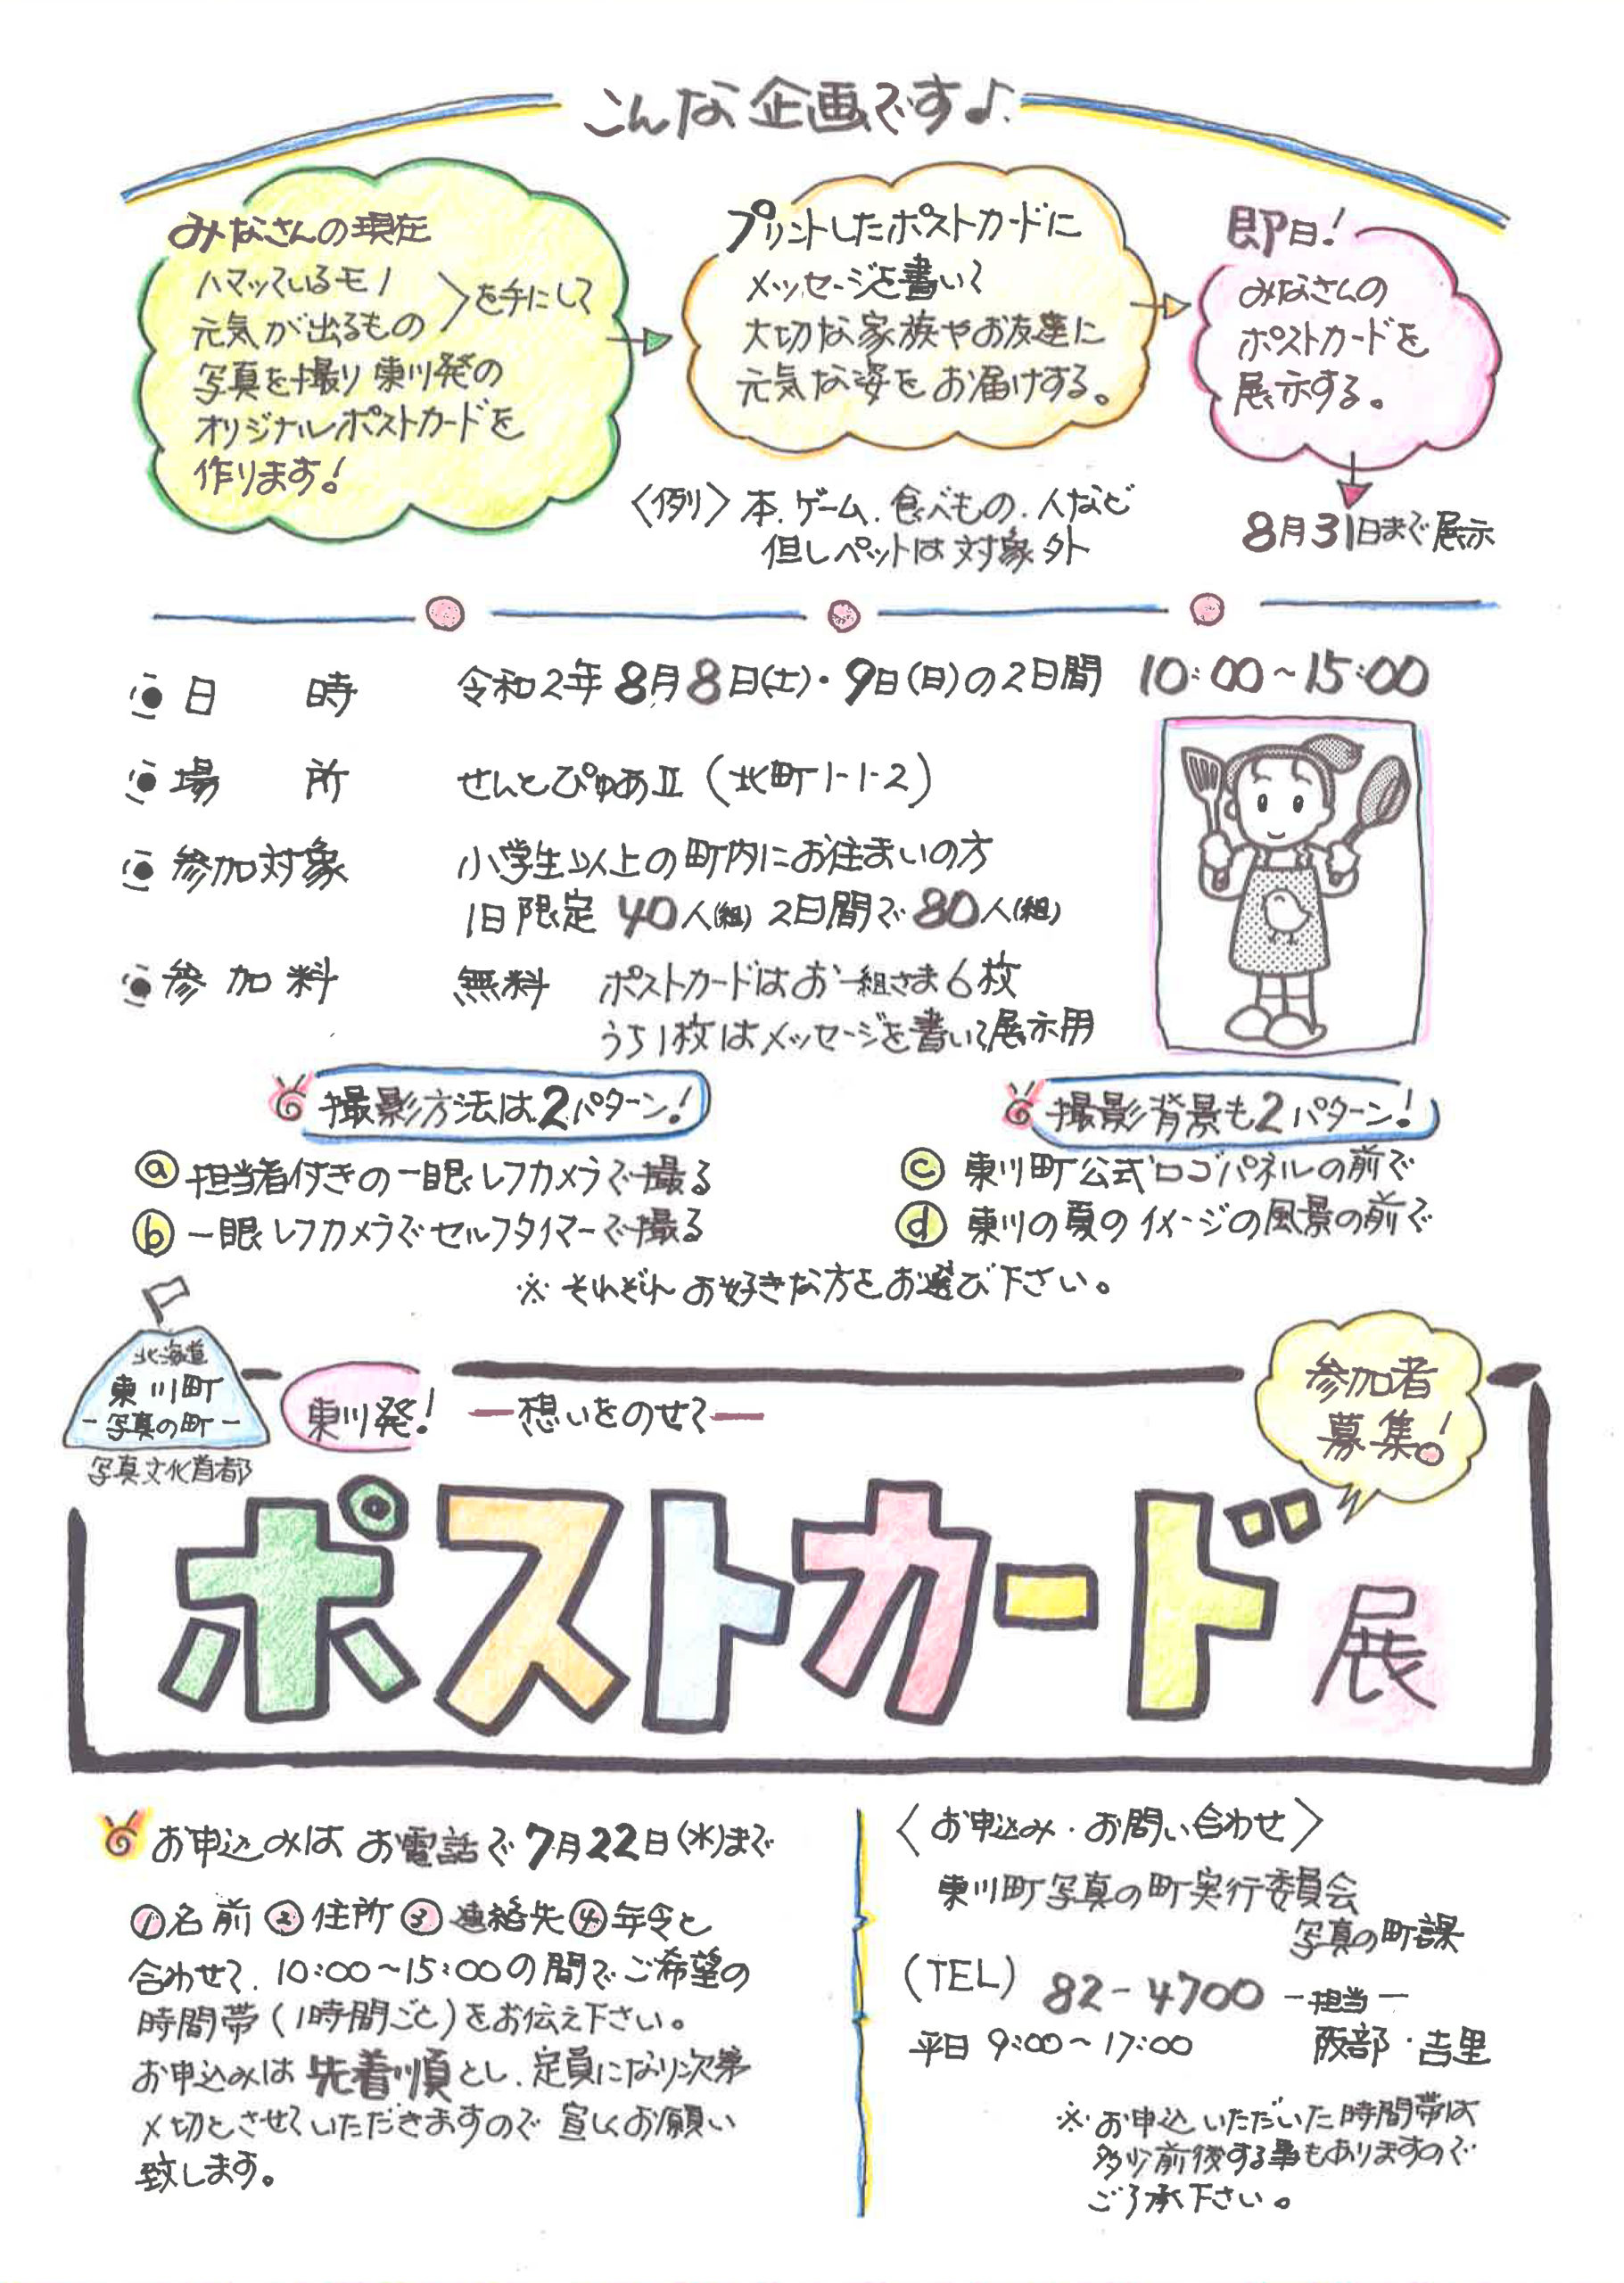 「東川発!ー想いをのせてーポストカード展」参加者募集!